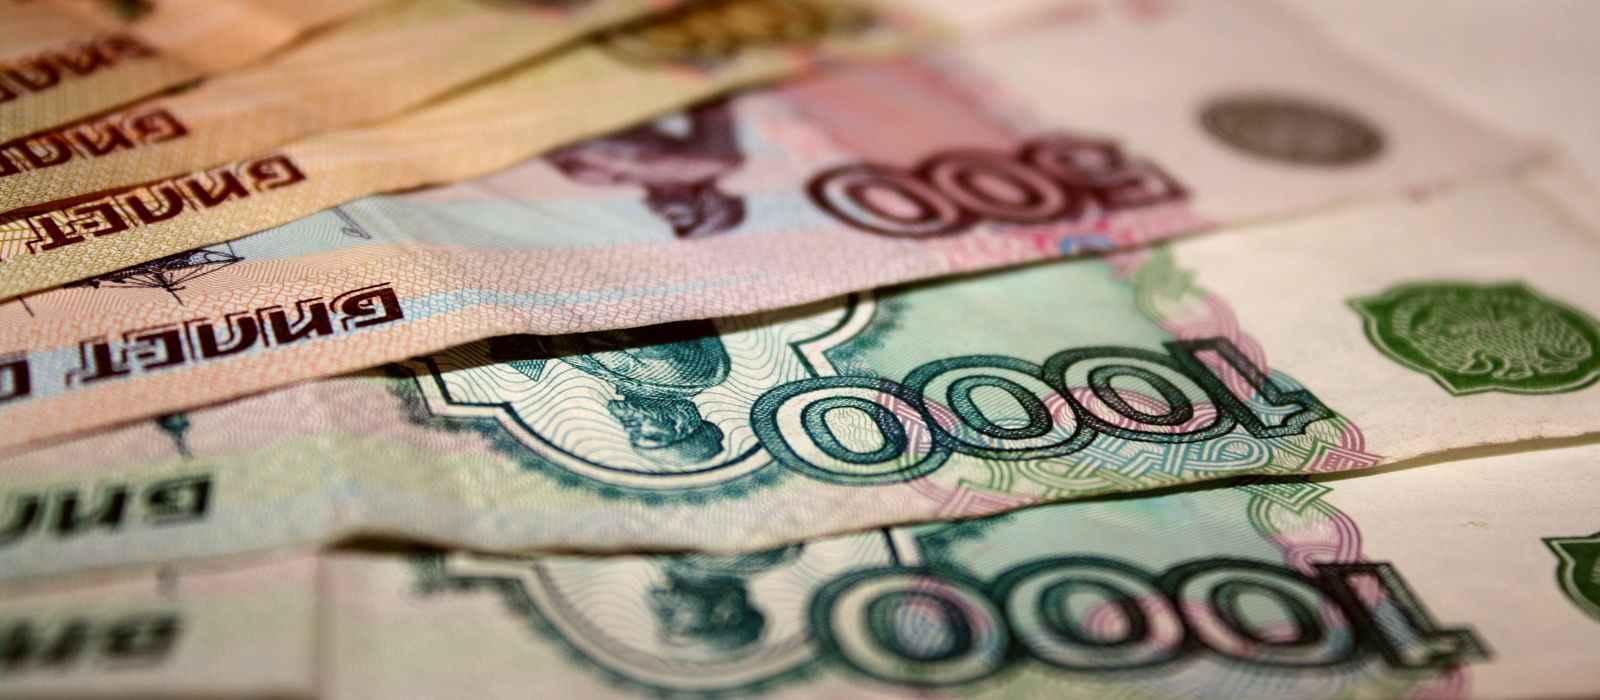 Rusiya hökuməti əhalinin kreditlərinin restrukturizasiyasına daha 2 mlrd. rubl ayırıb